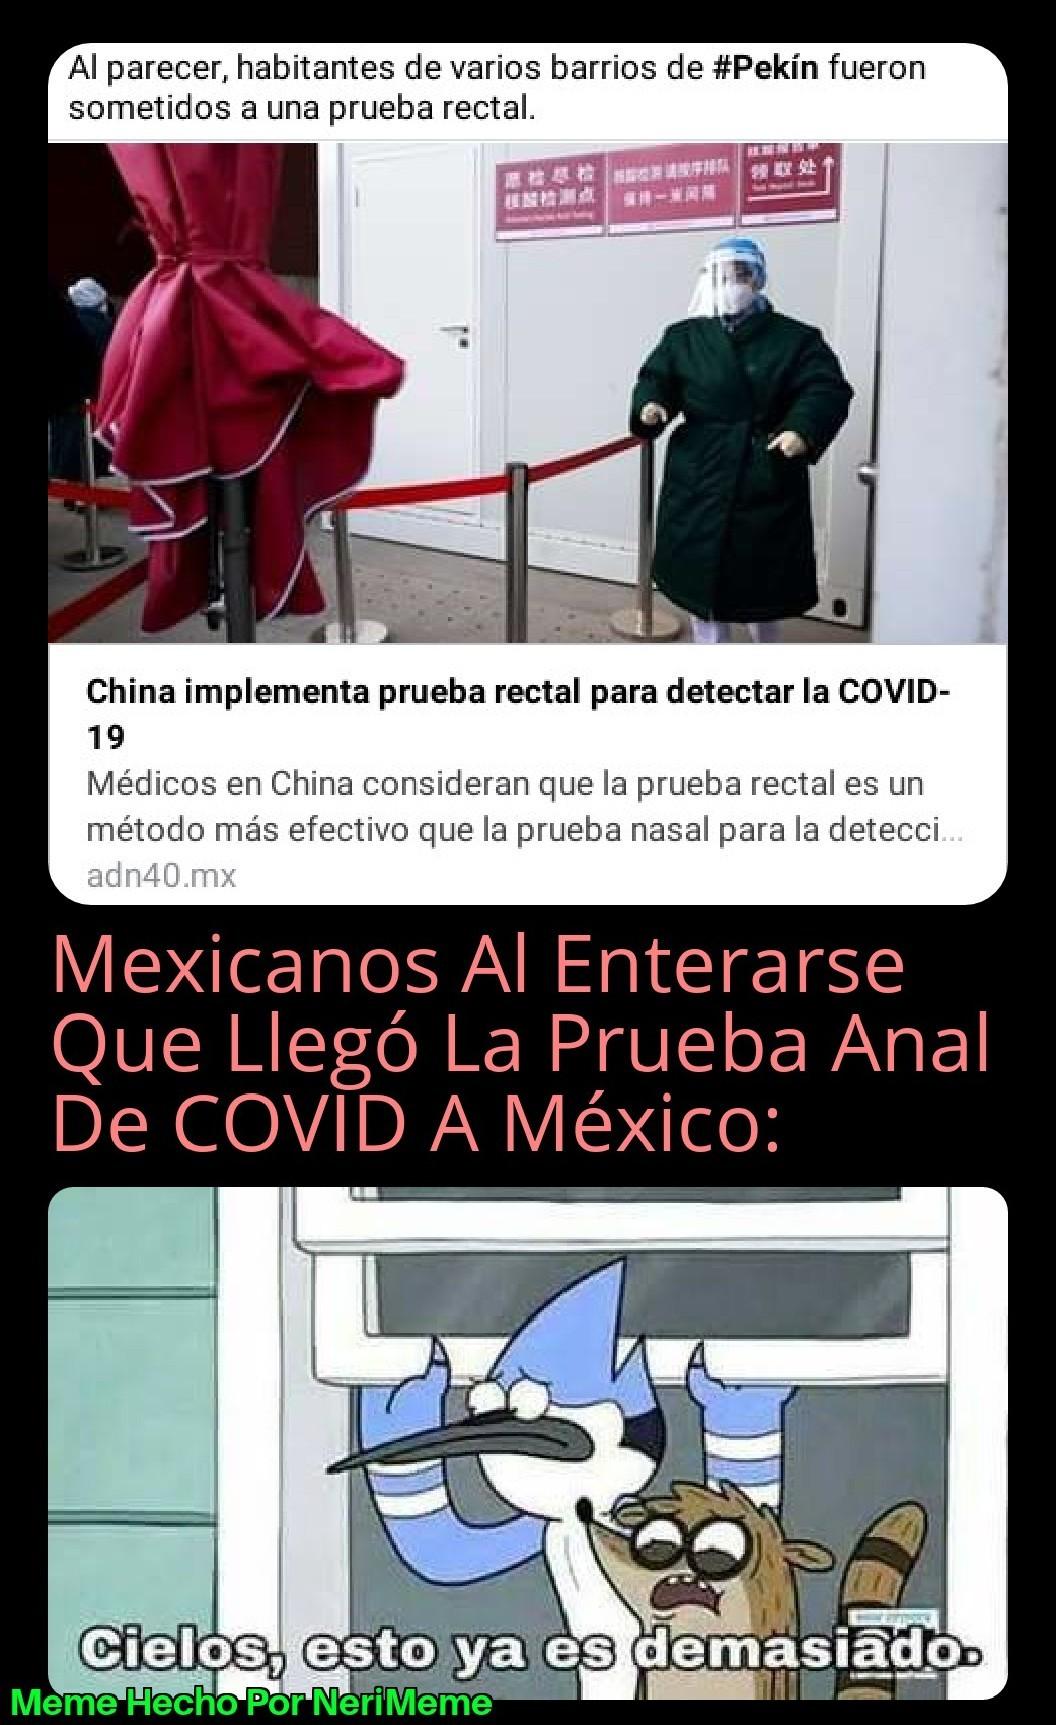 Meme: Como Que Se Exagera Los Chinos Con La Prueba Anal De COVID-19